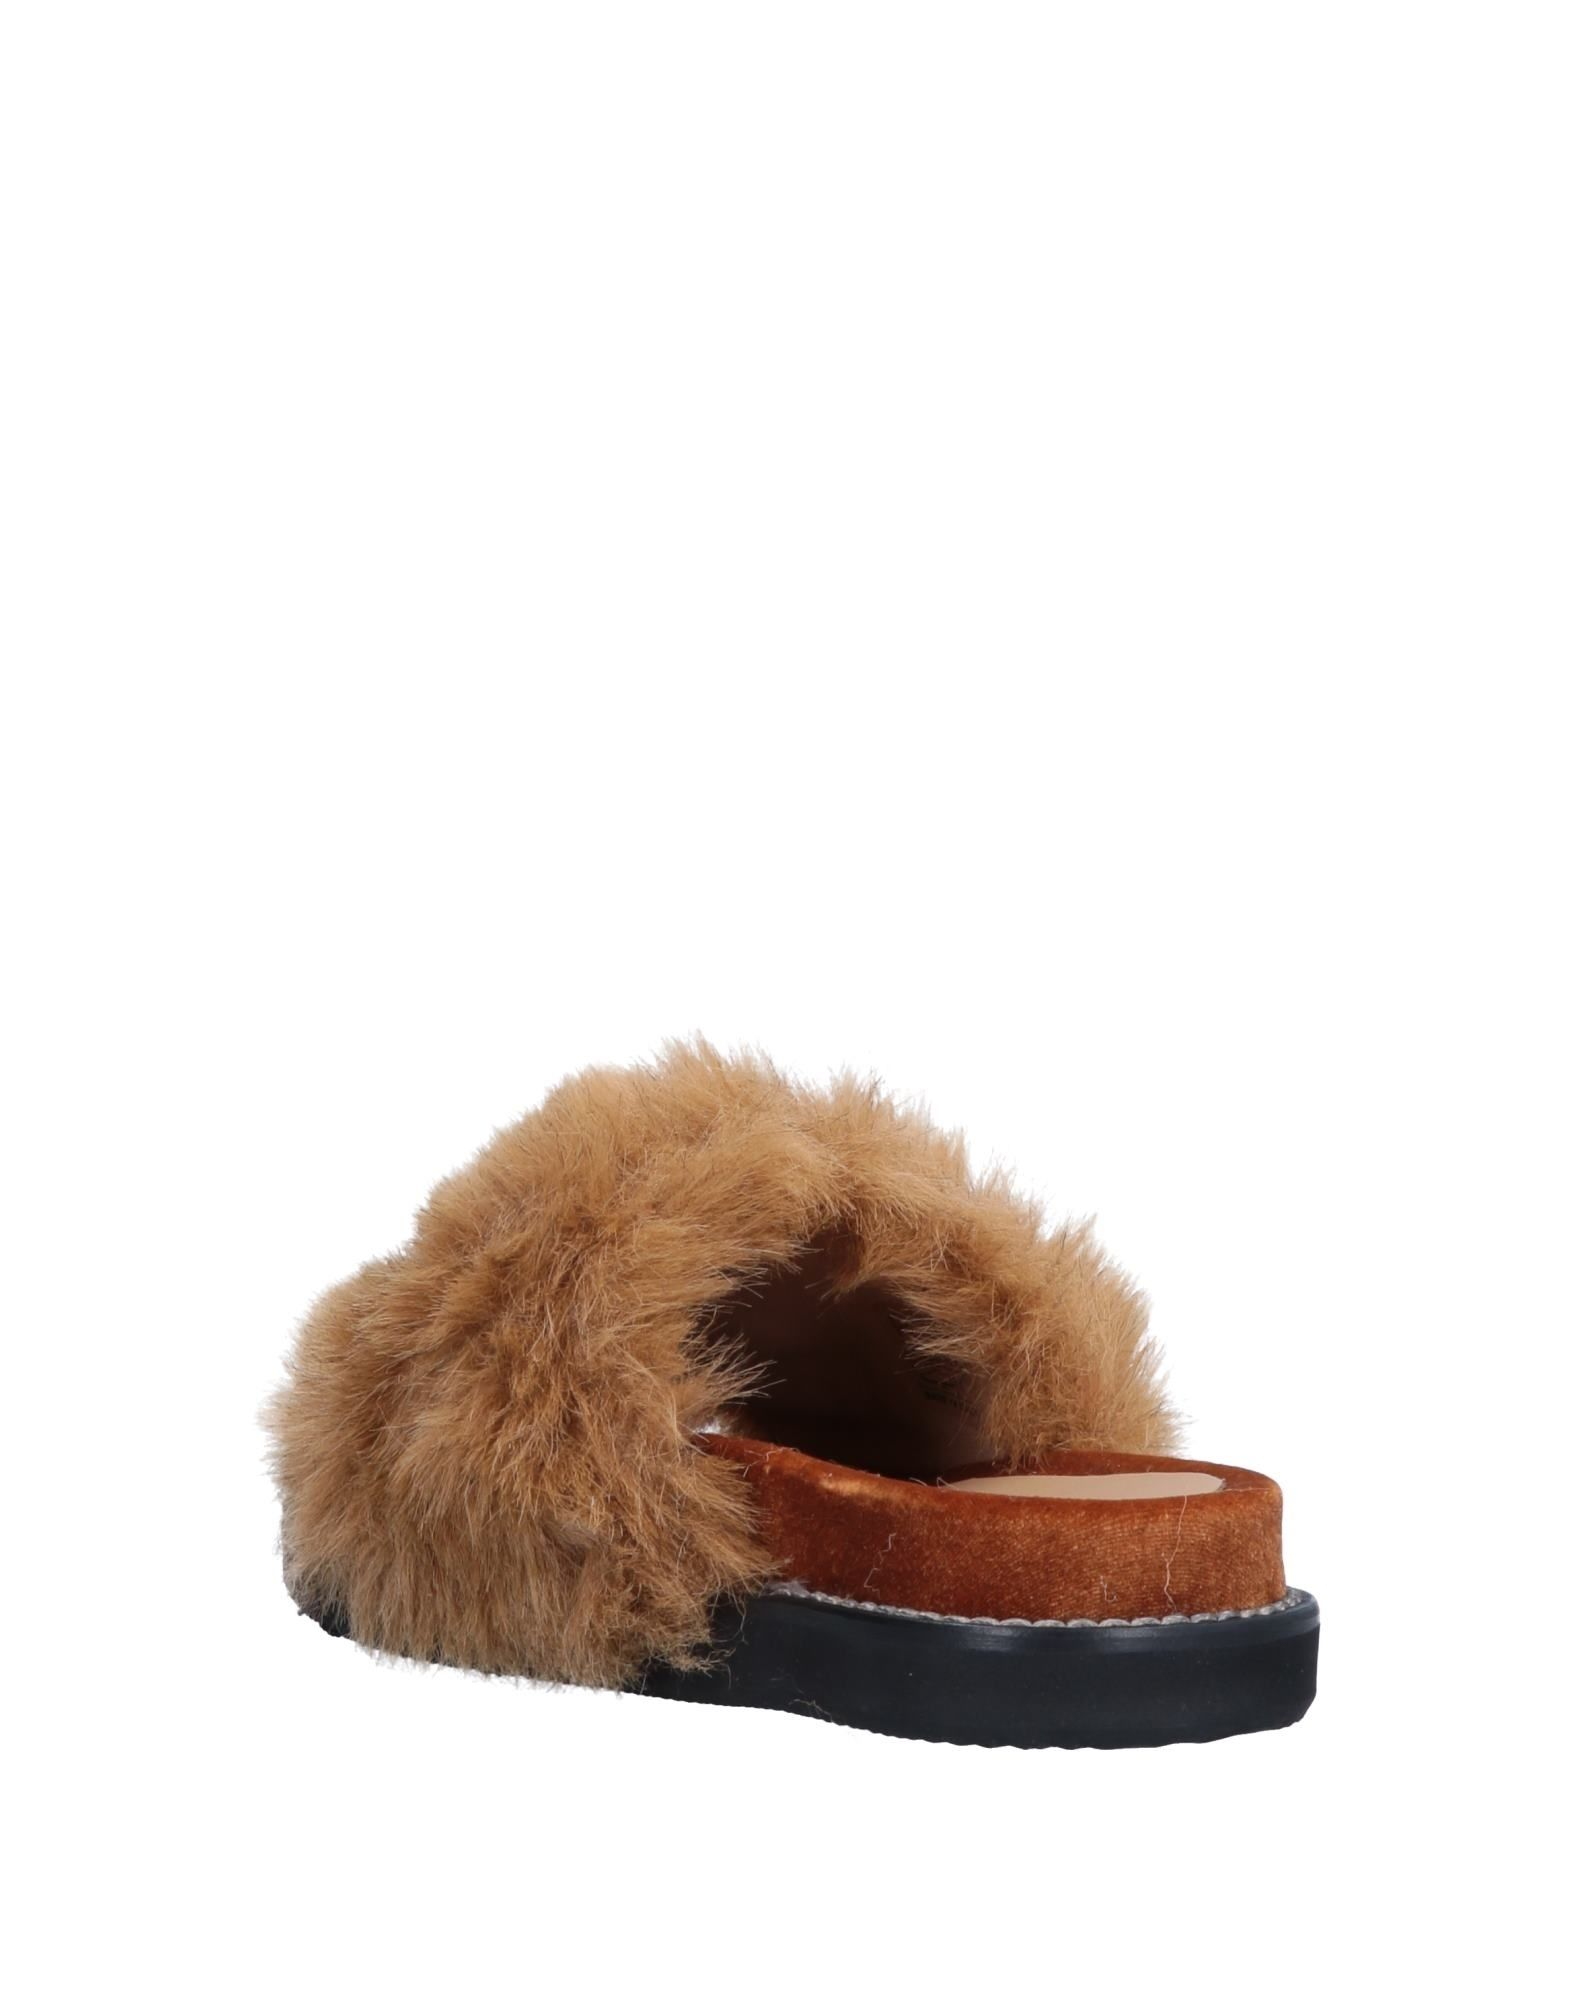 L'f  Shoes Sandalen Damen  L'f 11545698FJGut aussehende strapazierfähige Schuhe 3692ce